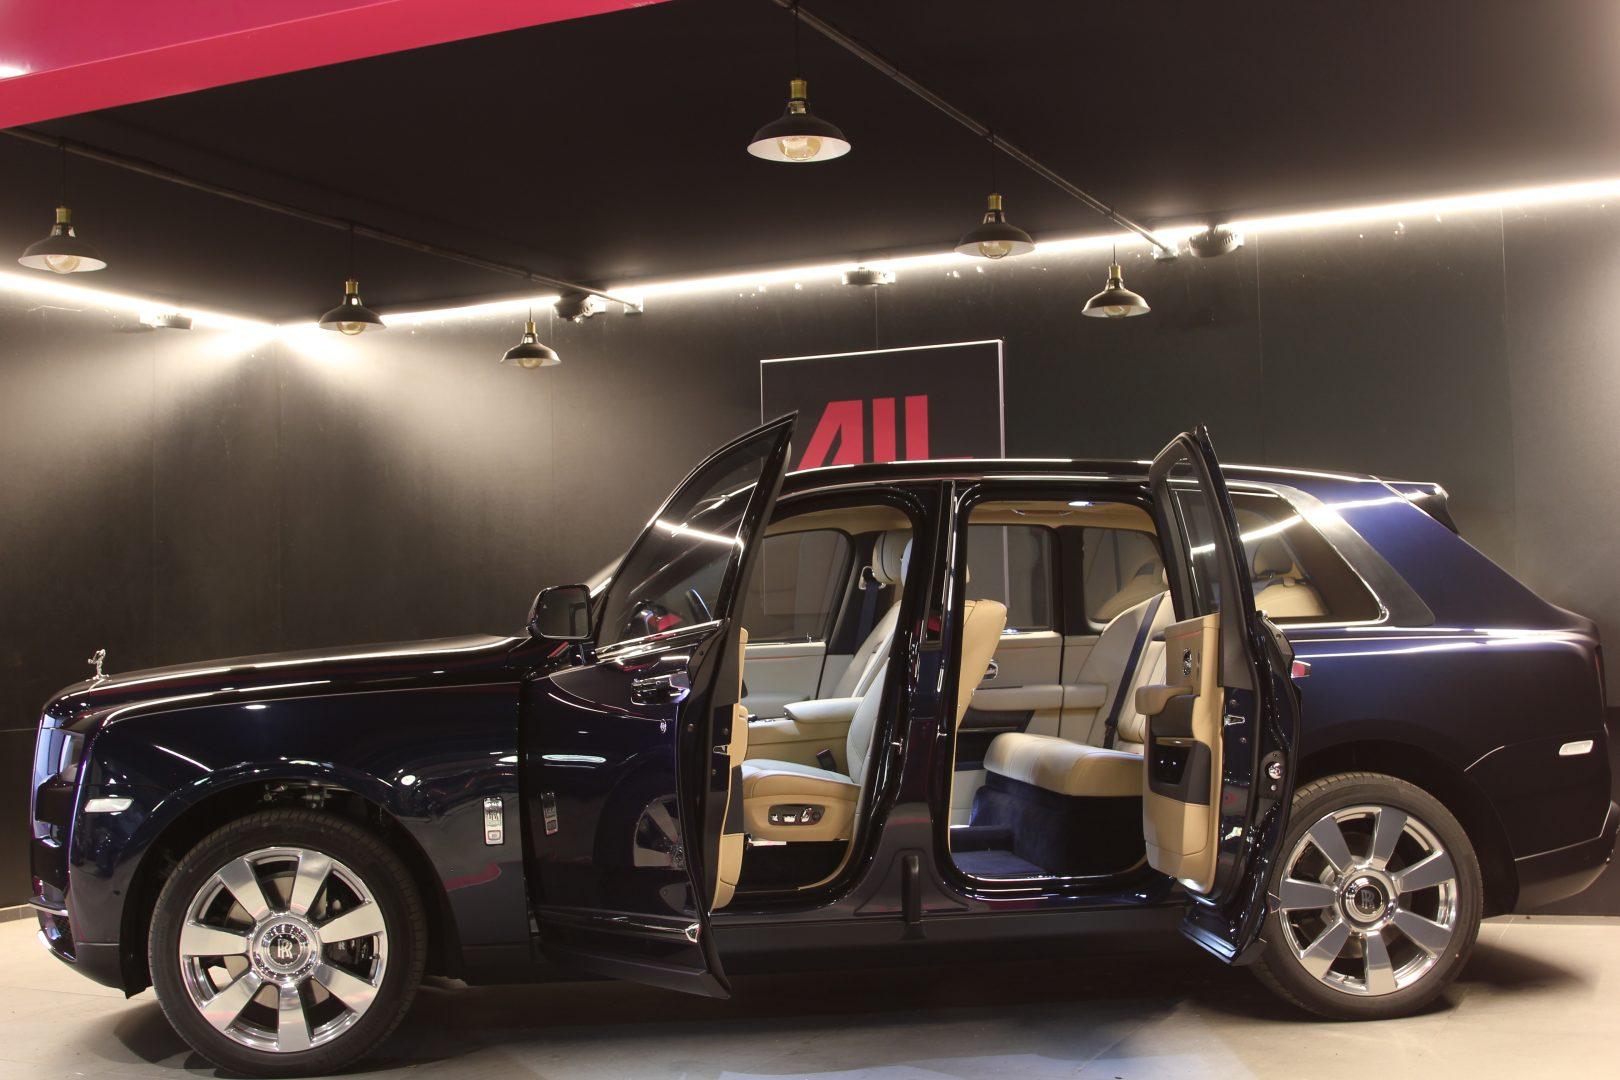 AIL Rolls Royce Cullinan V12 2